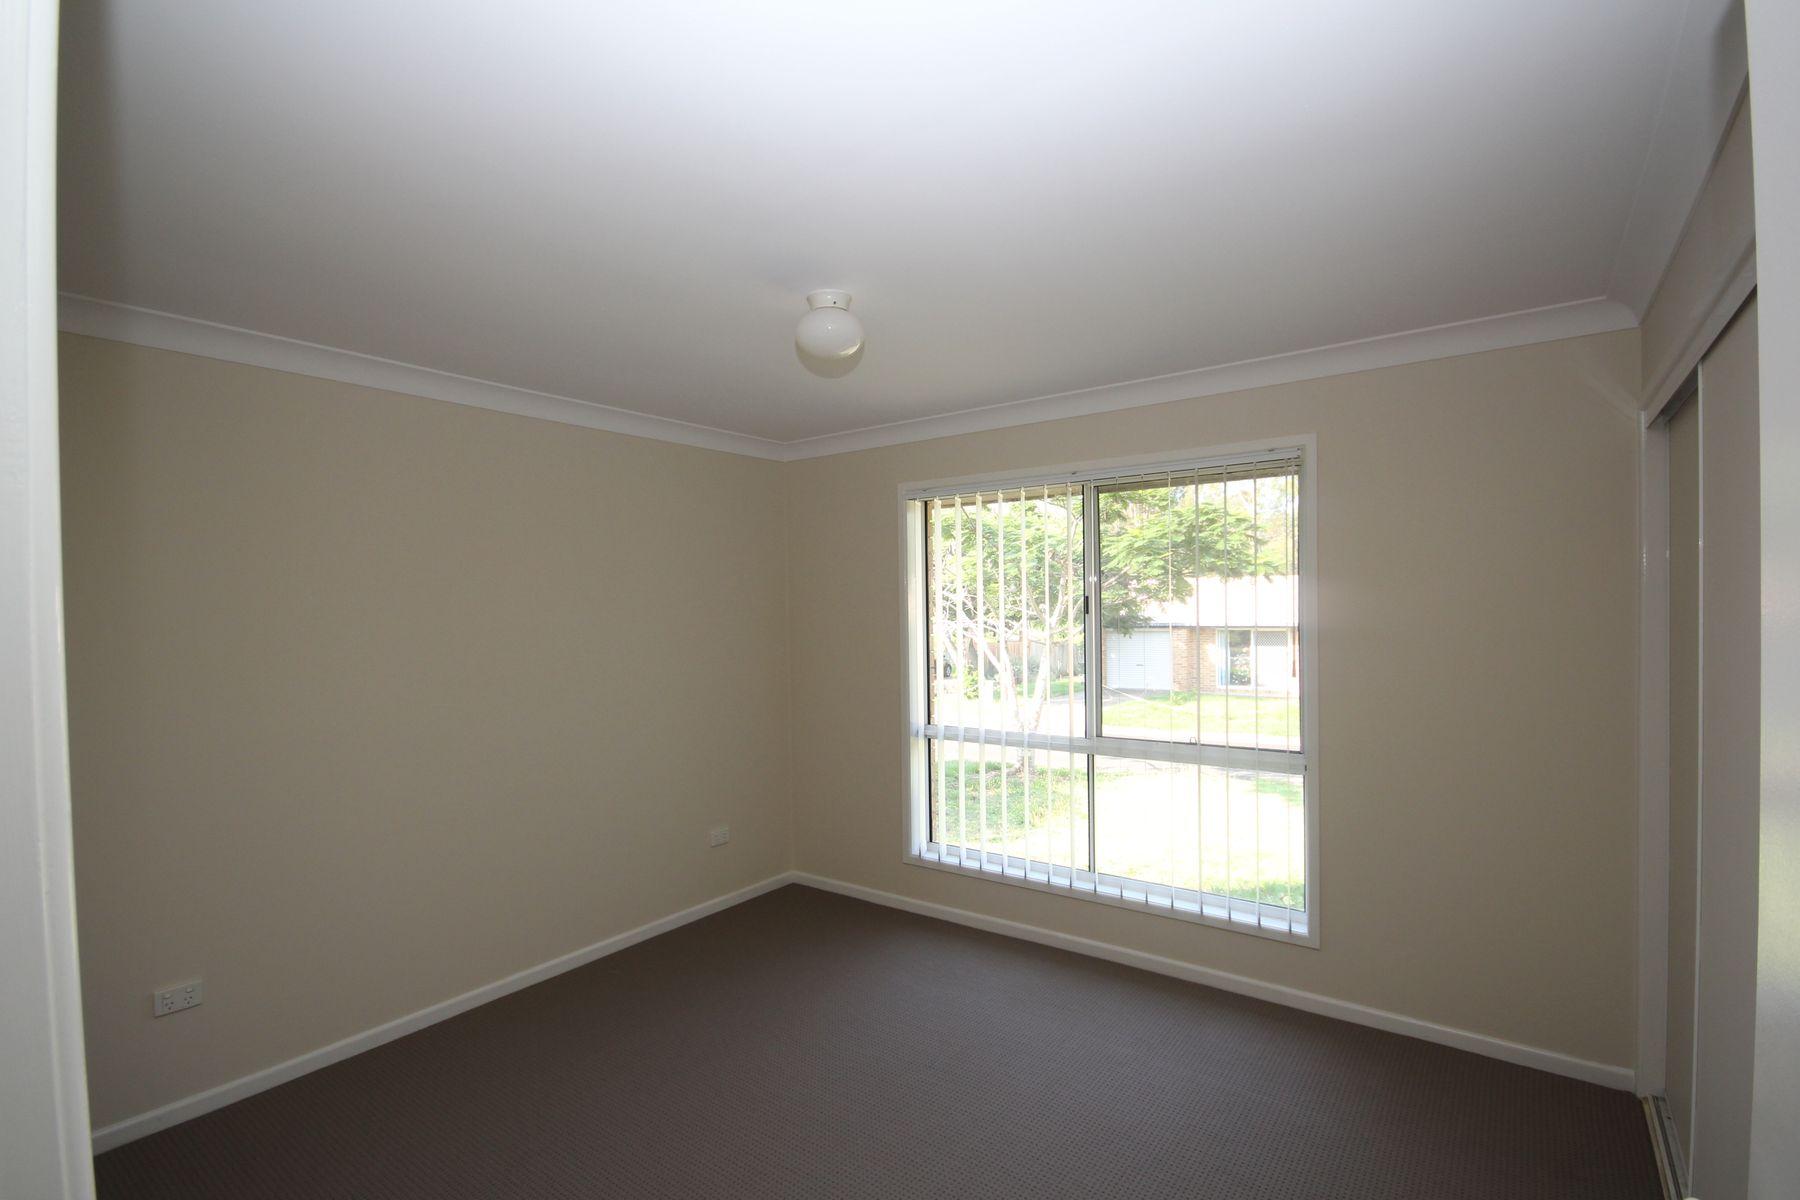 13/15 Bradford Street, Darra, QLD 4076